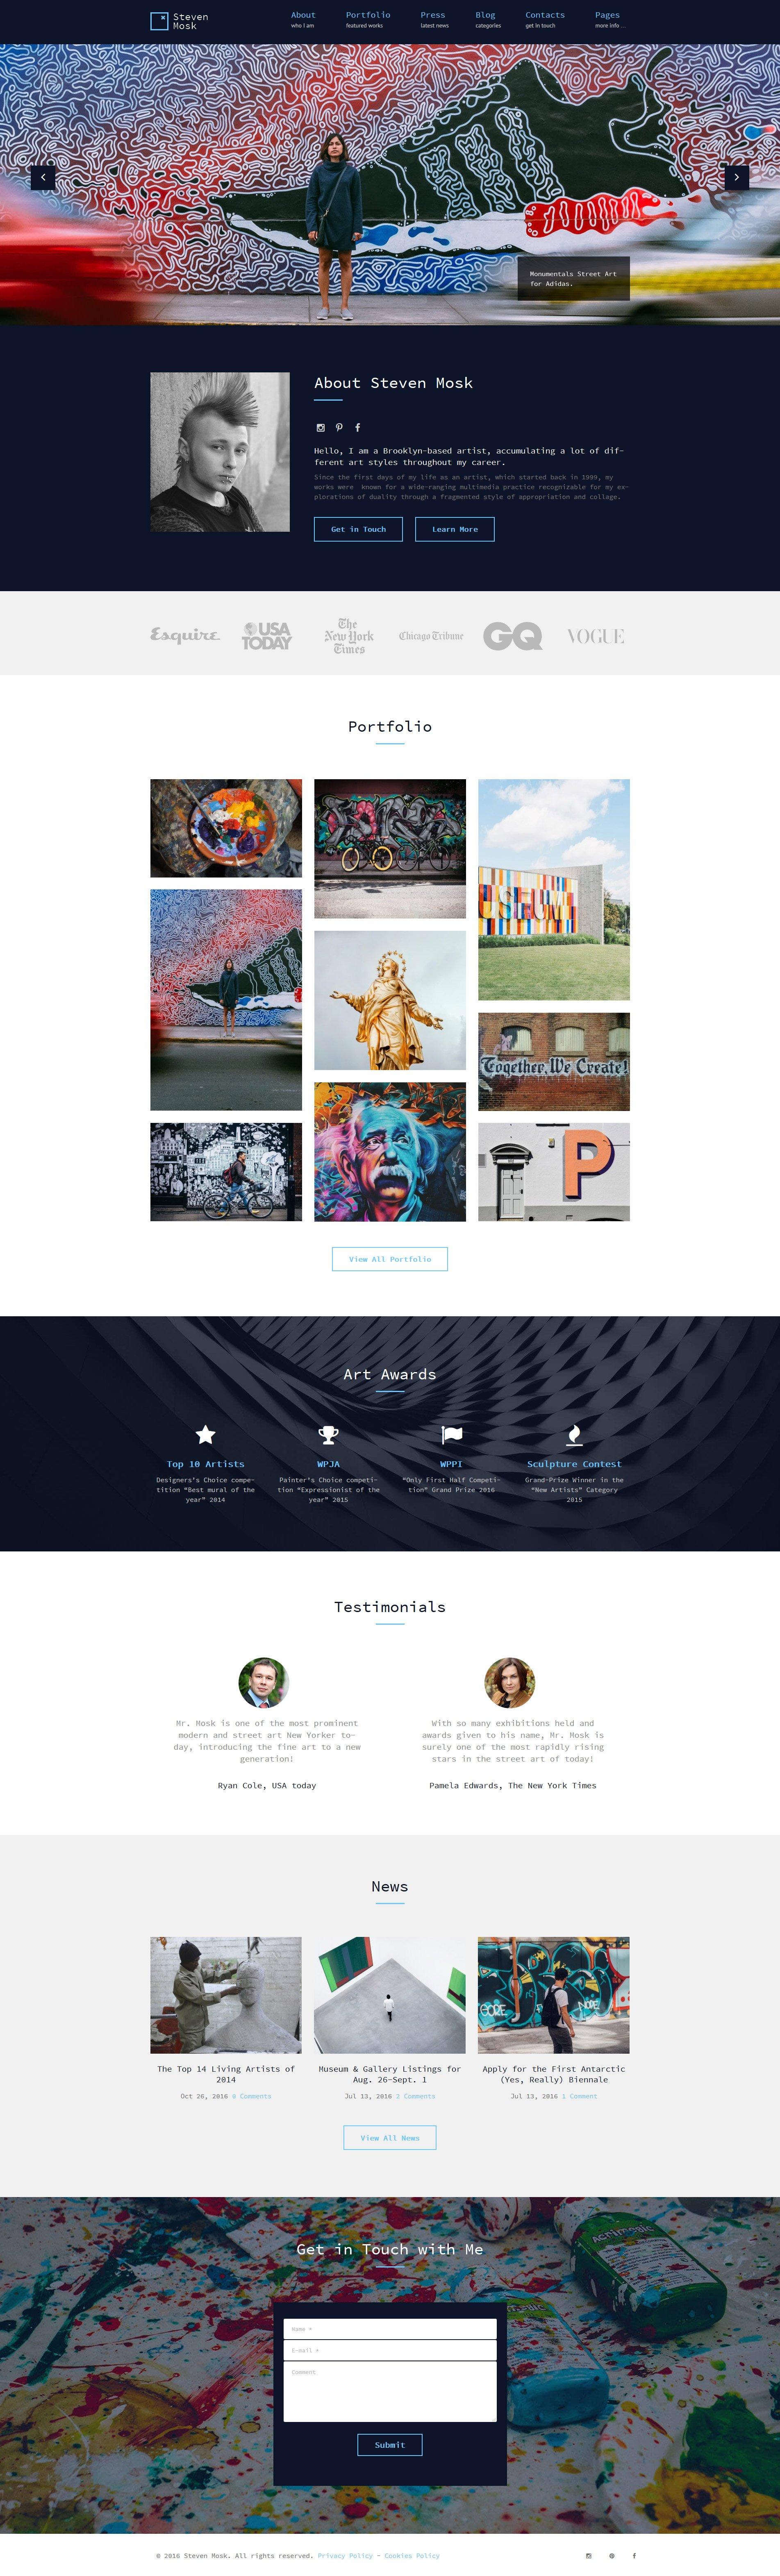 Адаптивный шаблон сайта на тему художественное портфолио #61116